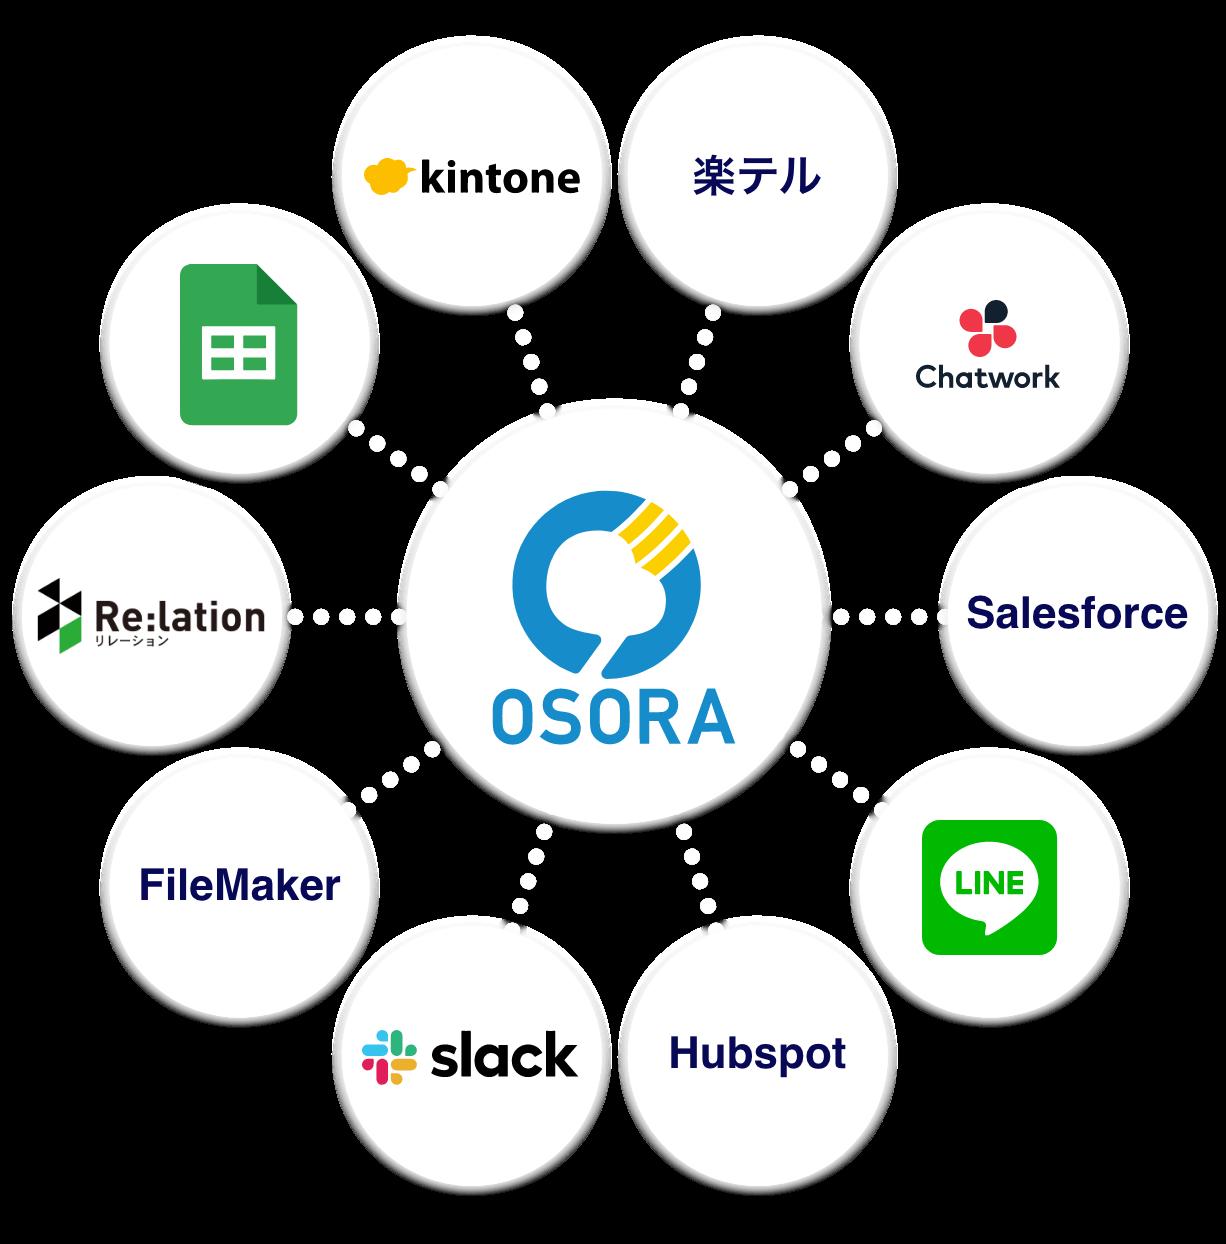 コールシステム OSORA feature